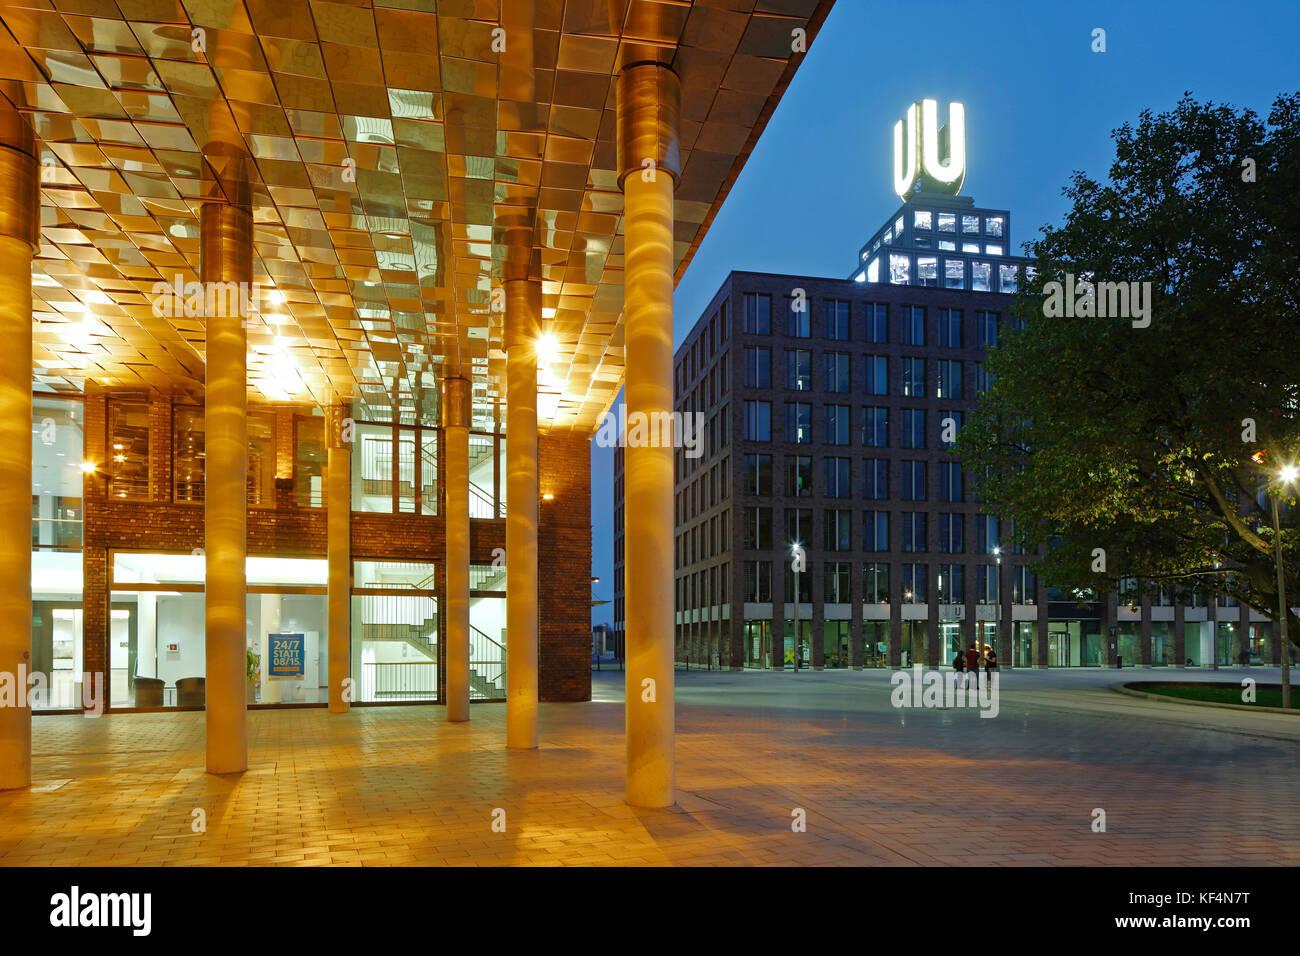 Dortmund, Nordrhein-Westfalen, Nachtaufnahme, beleuchteter Eingang zu einem Geschaeftshaus am Park der Partnerstaedte, - Stock Image